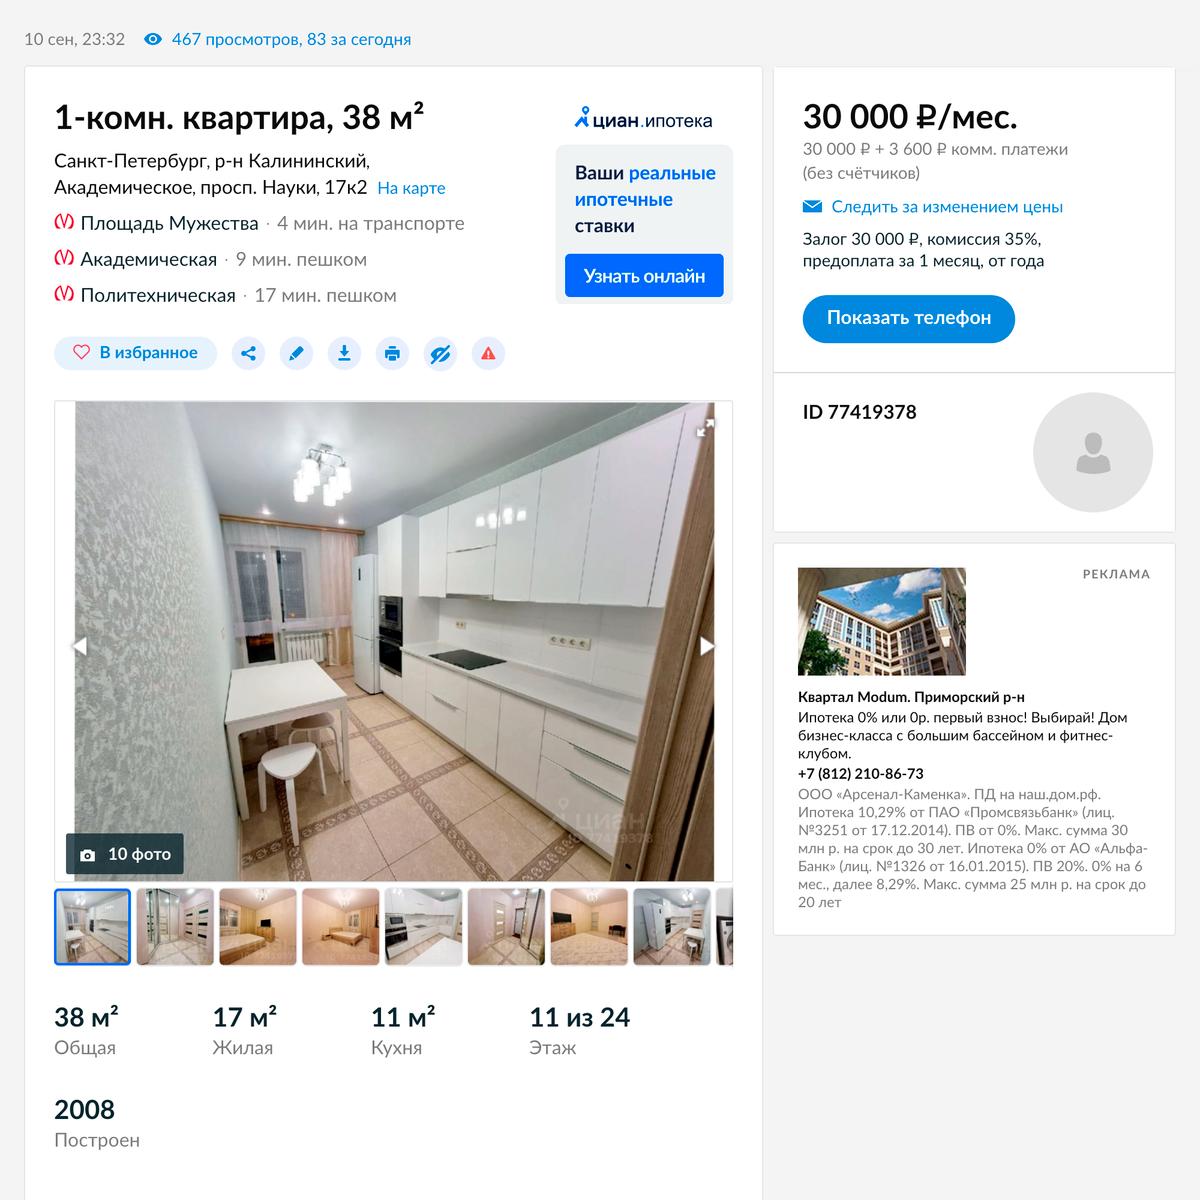 Однокомнатные в новых домах у метро стоят от 30 000<span class=ruble>Р</span>. Источник: «Циан»